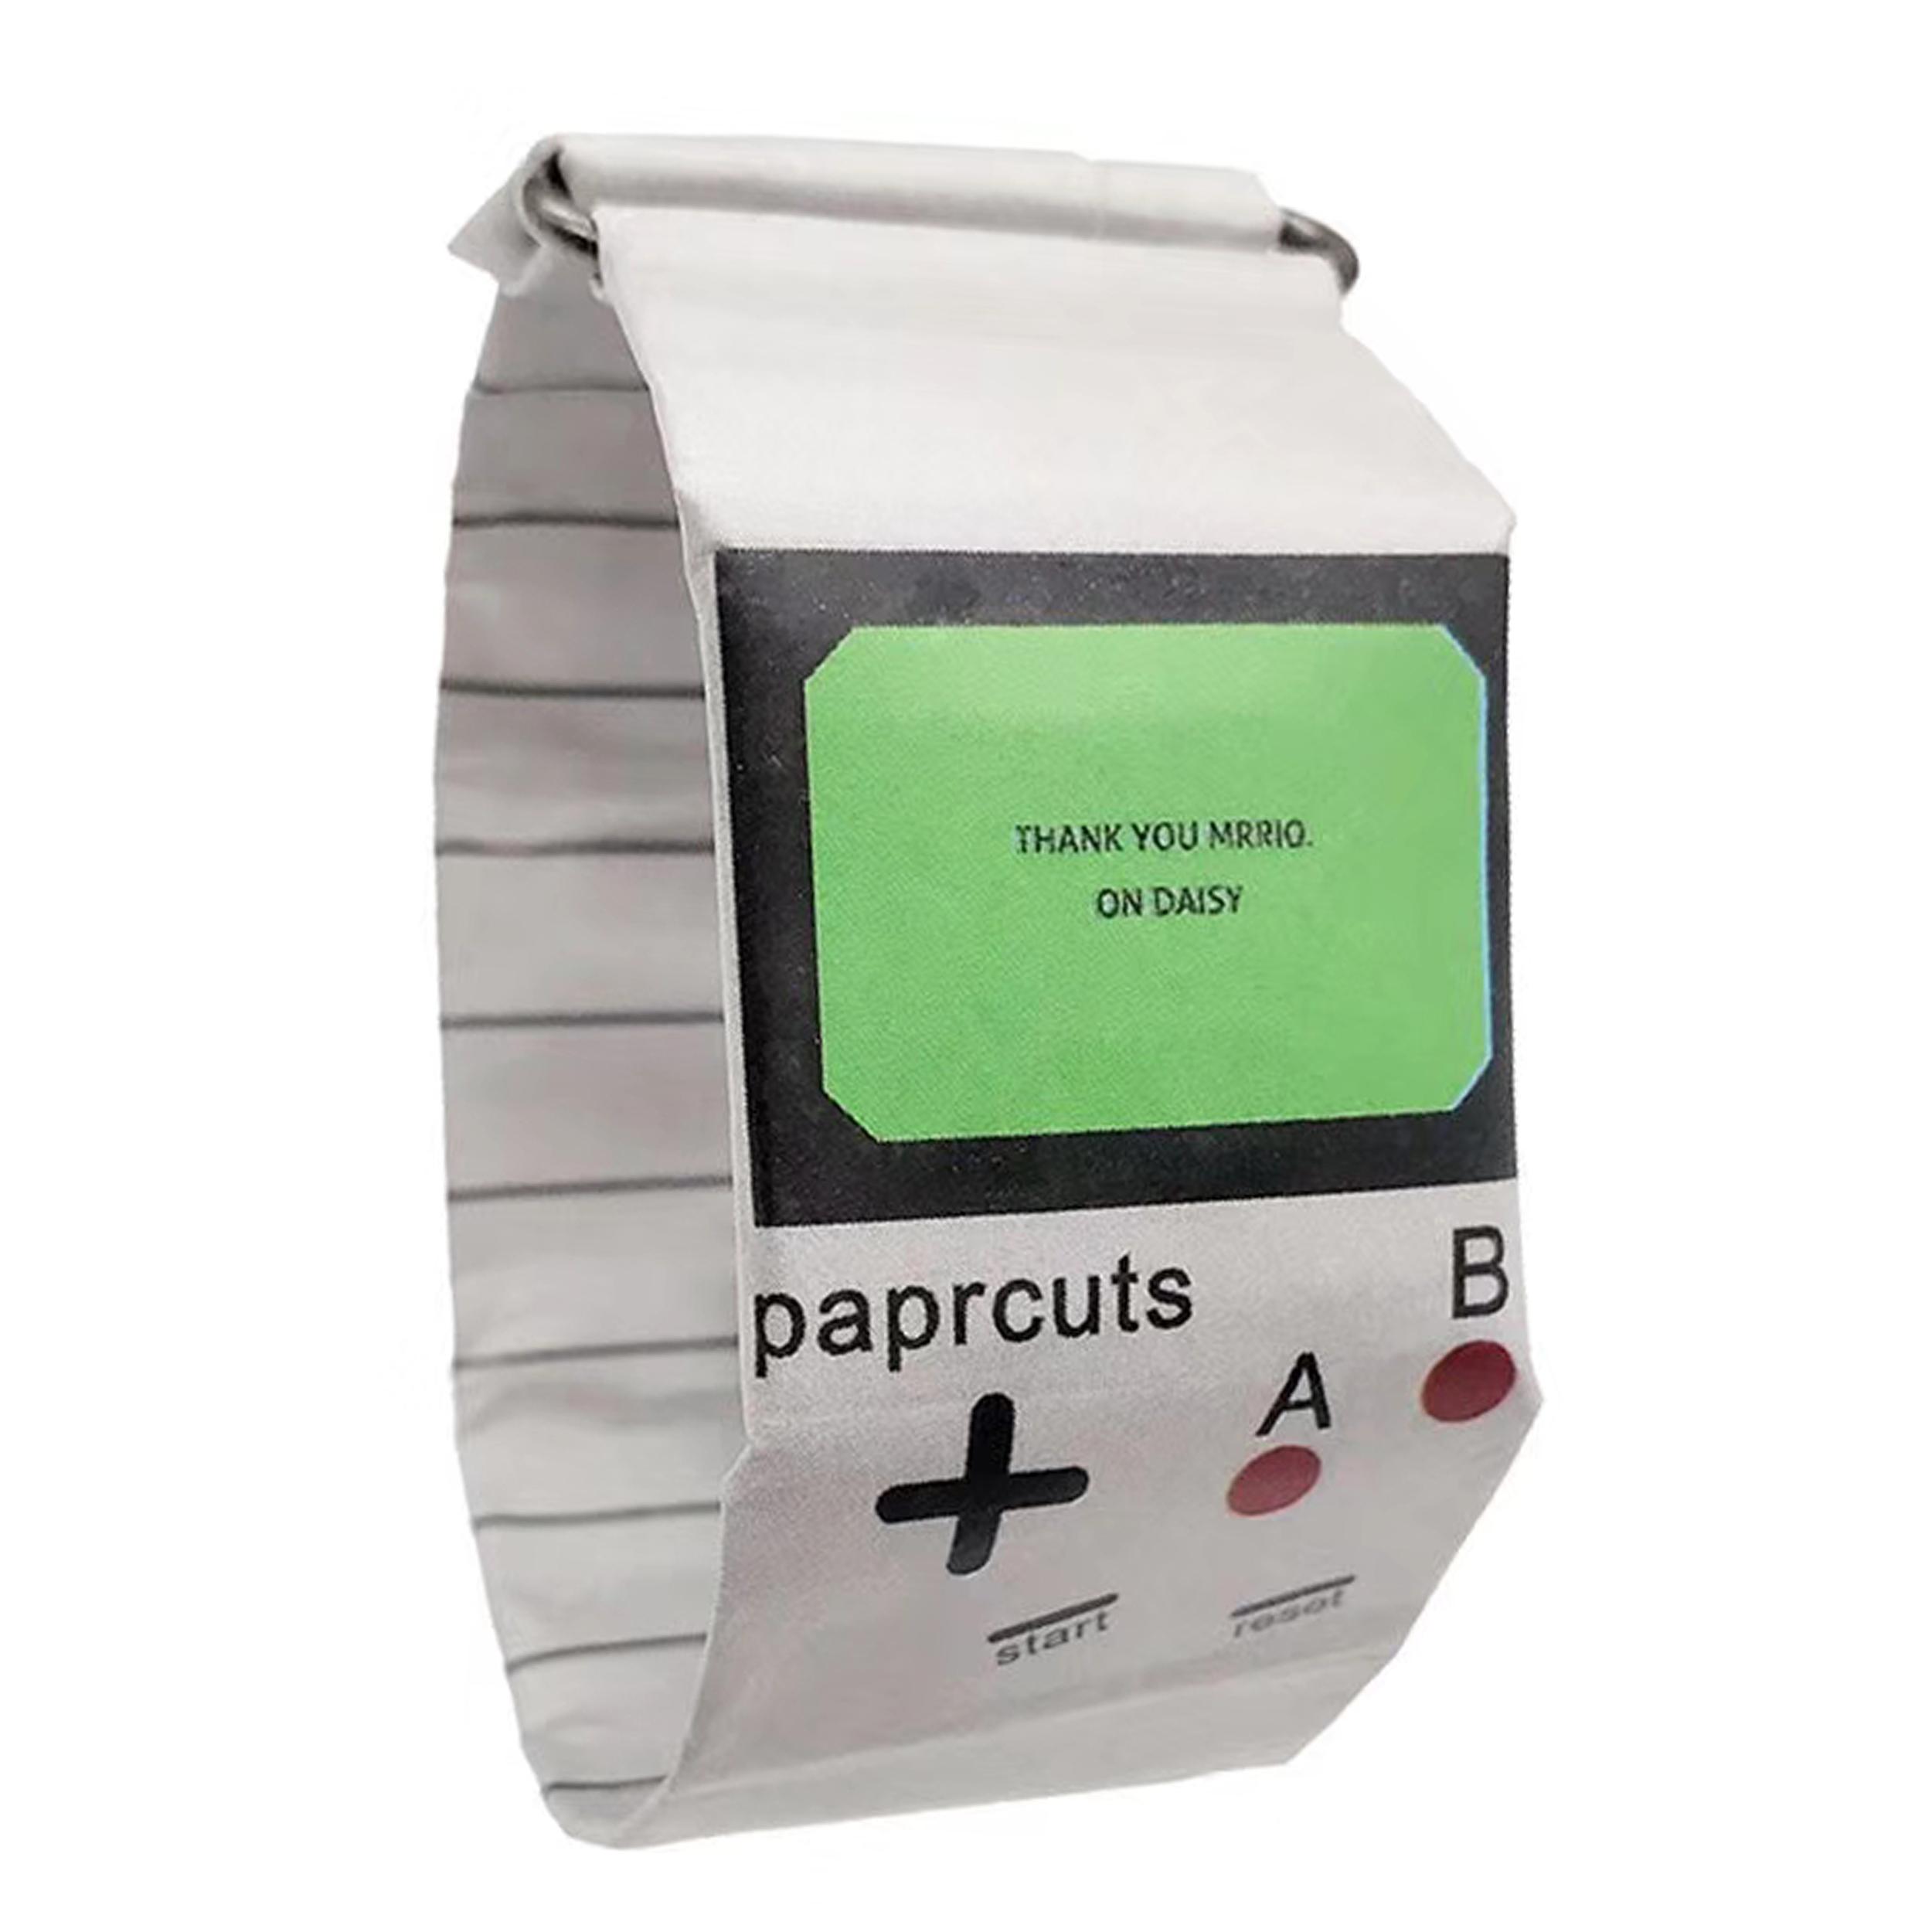 ساعت مچی دیجیتال مدل FP9